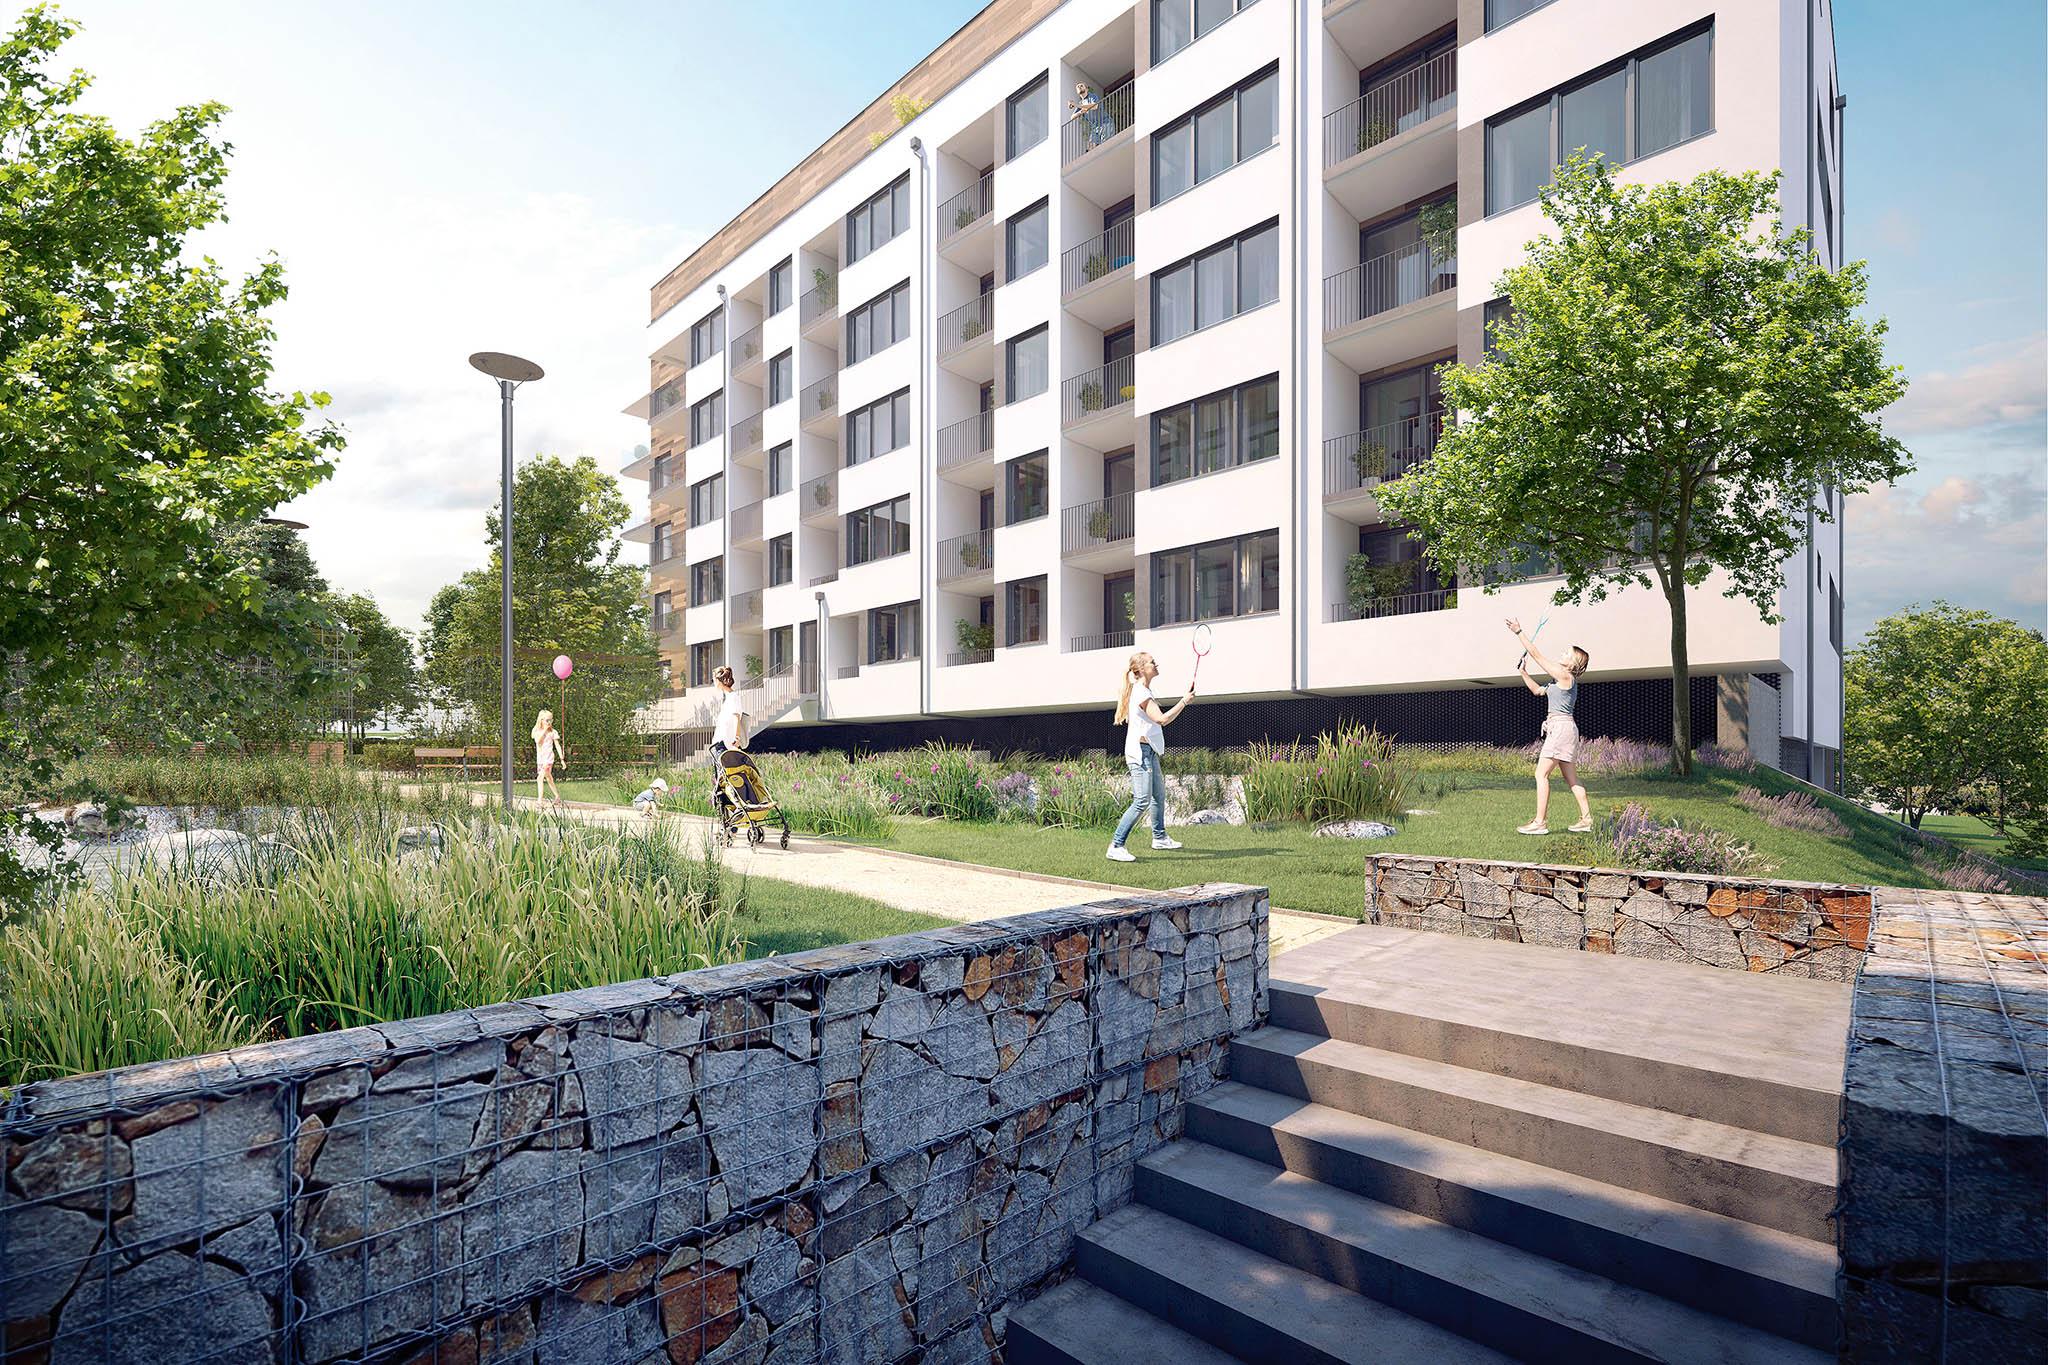 Už vlétě budou napražském Barrandově připraveny knastěhování nové nájemní byty. Projekt odstartoval spolupráci společností Zeitgeist Asset Management a Finep.